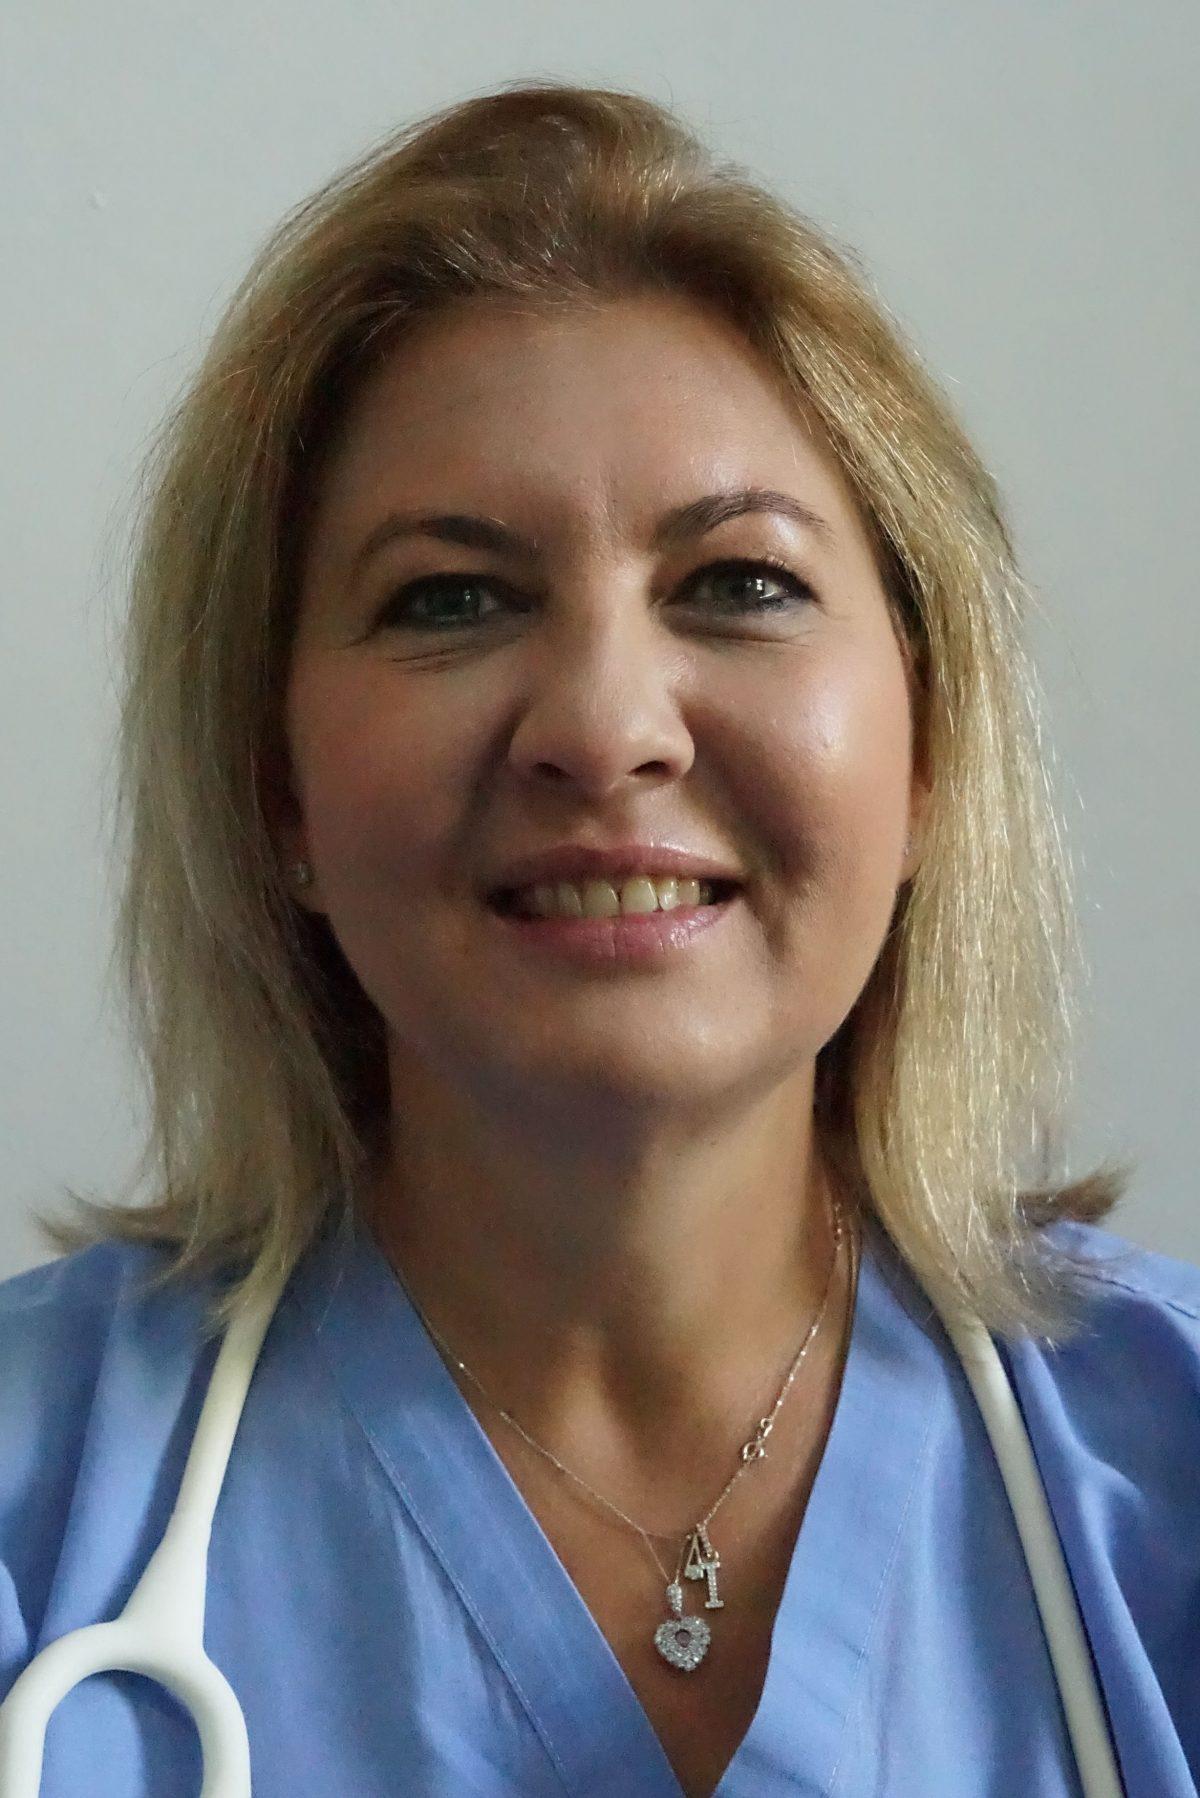 IoanaOprescu00135-copy-1200x1798.jpg